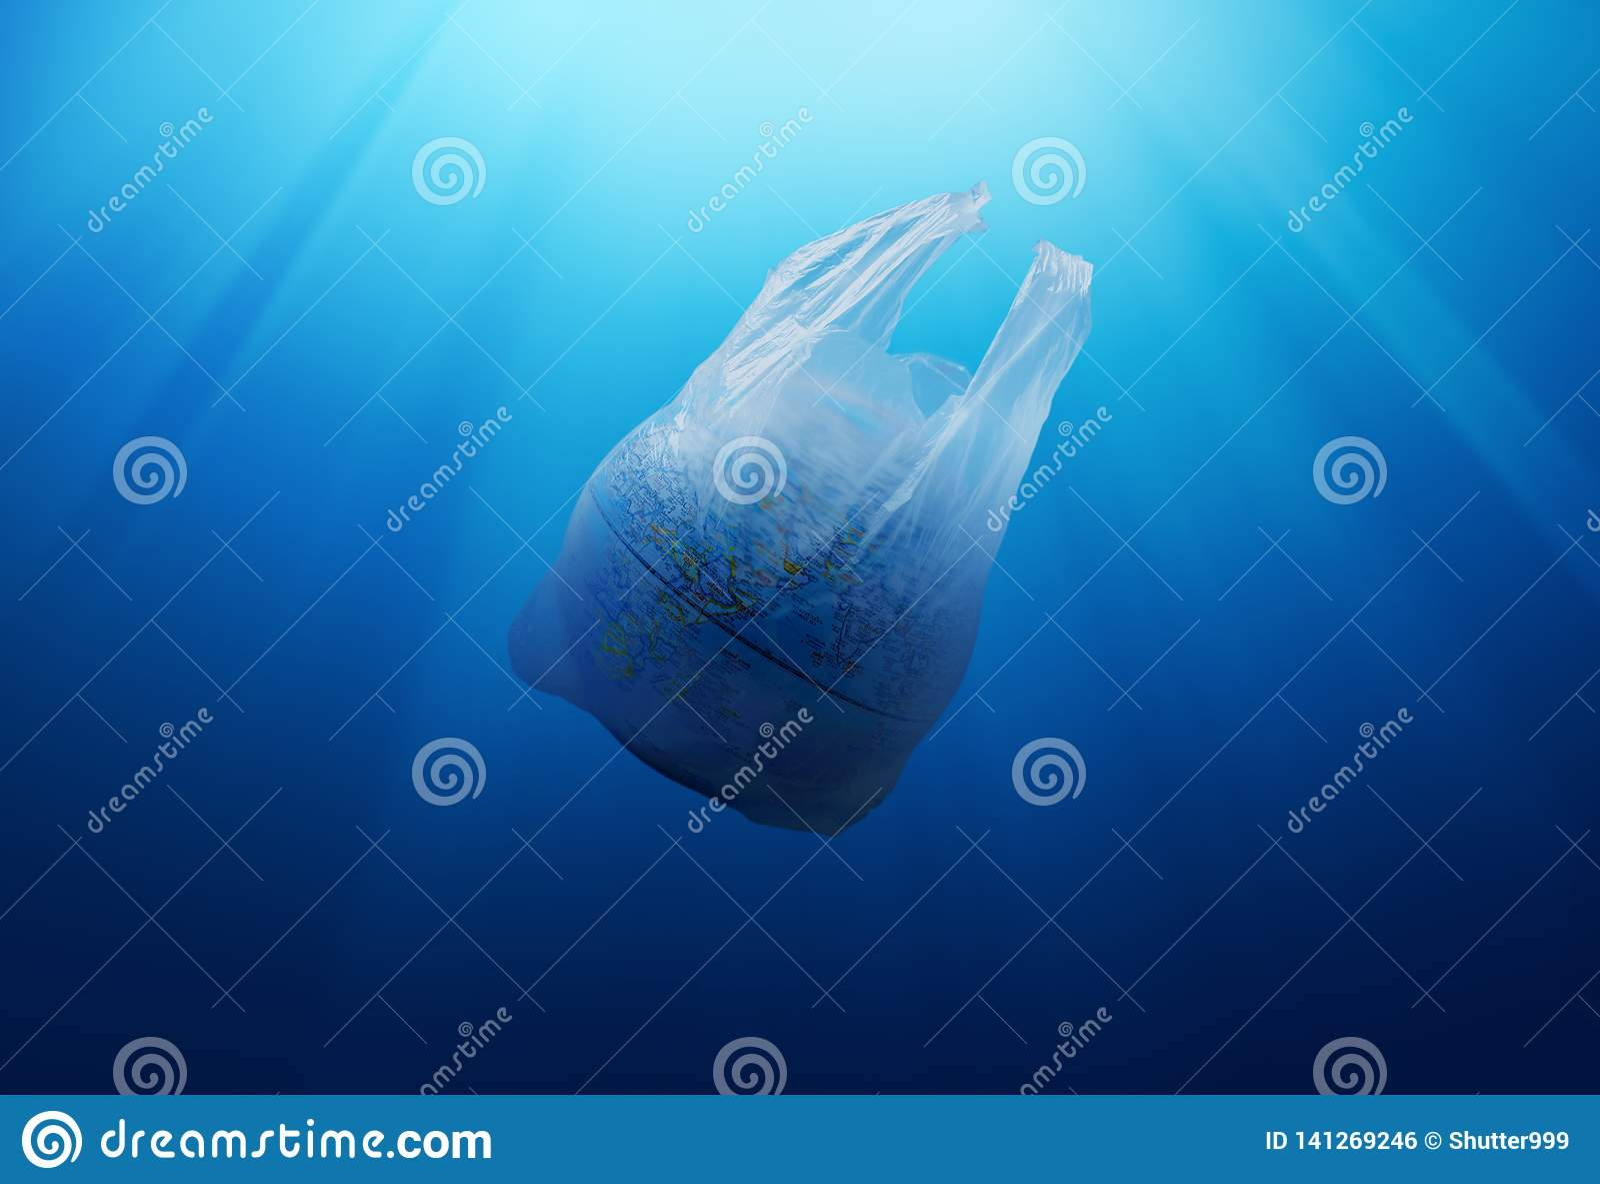 塑料袋与地球模型的环境污染